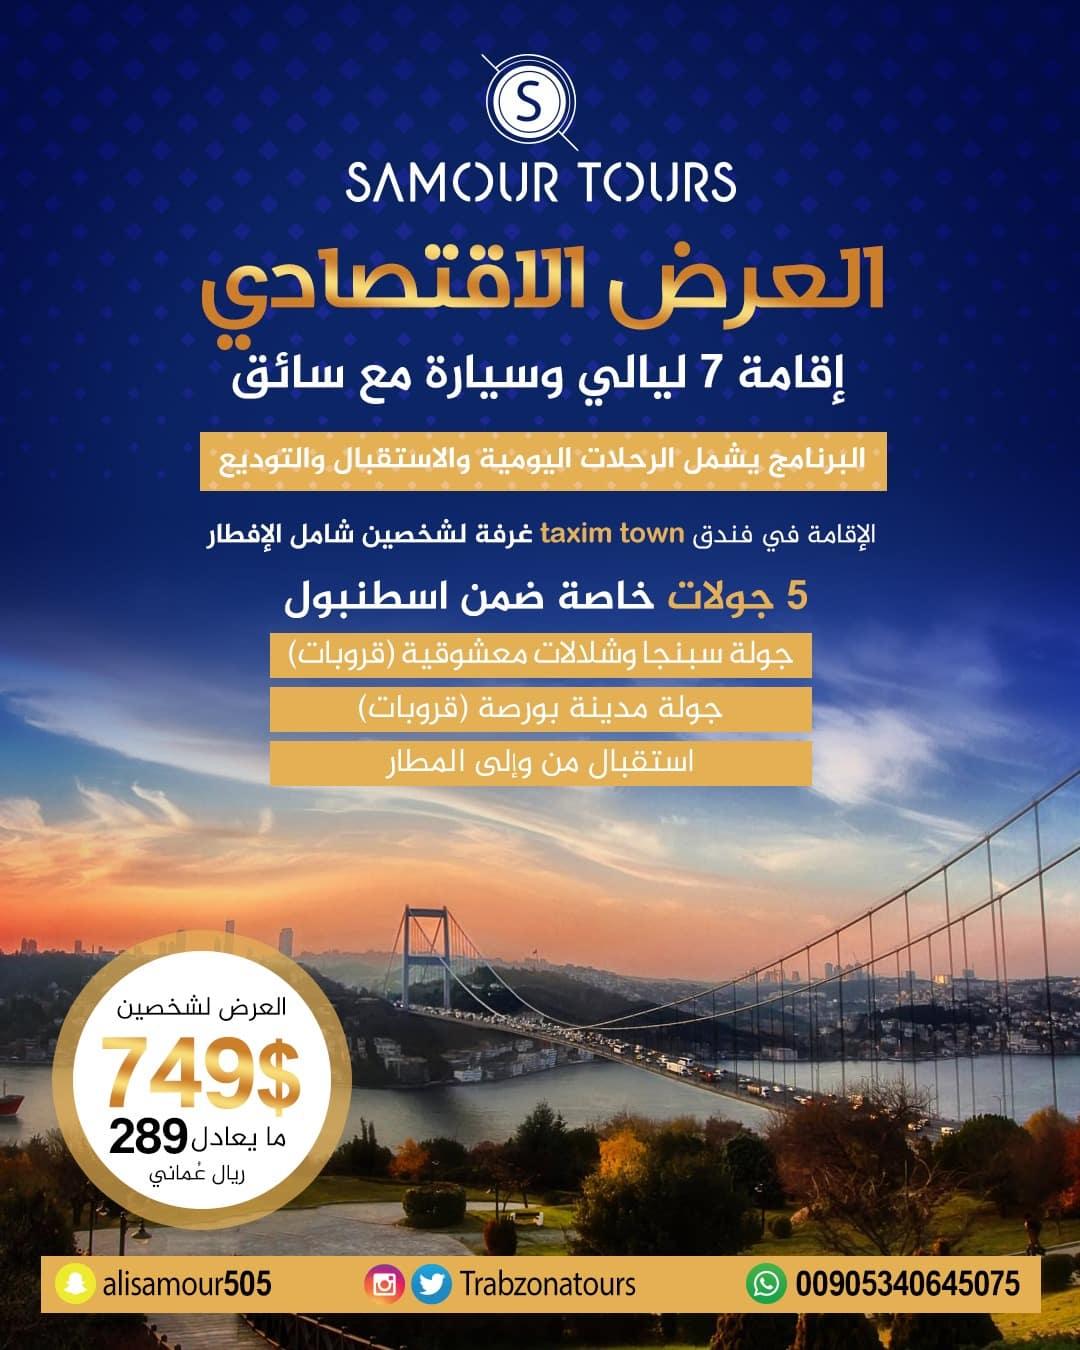 برنامج سياحي اقتصادي في اسطنبول